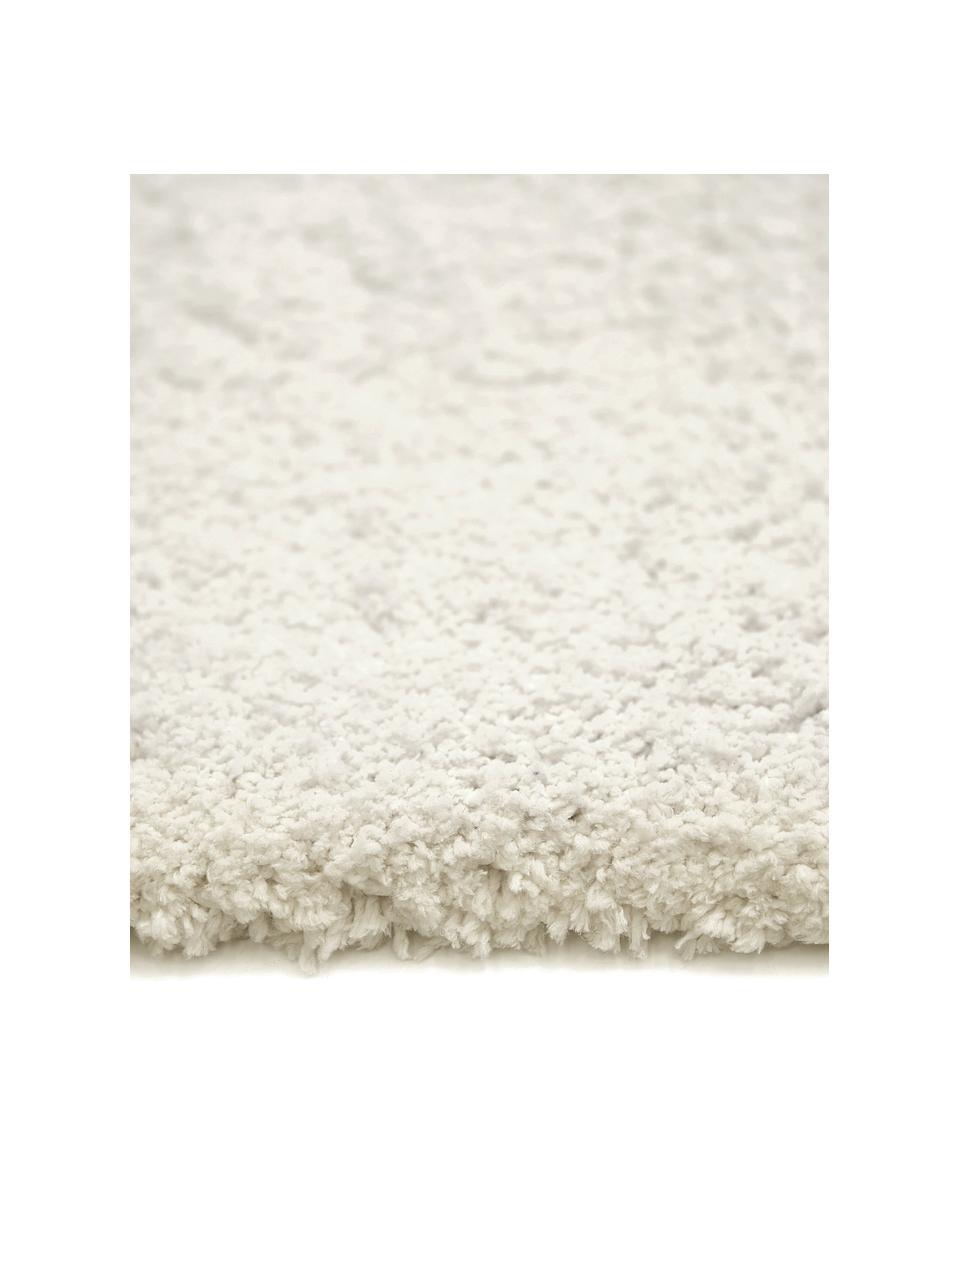 Okrągły puszysty dywan z wysokim stosem Leighton, Kremowy, Ø 200 cm (Rozmiar L)